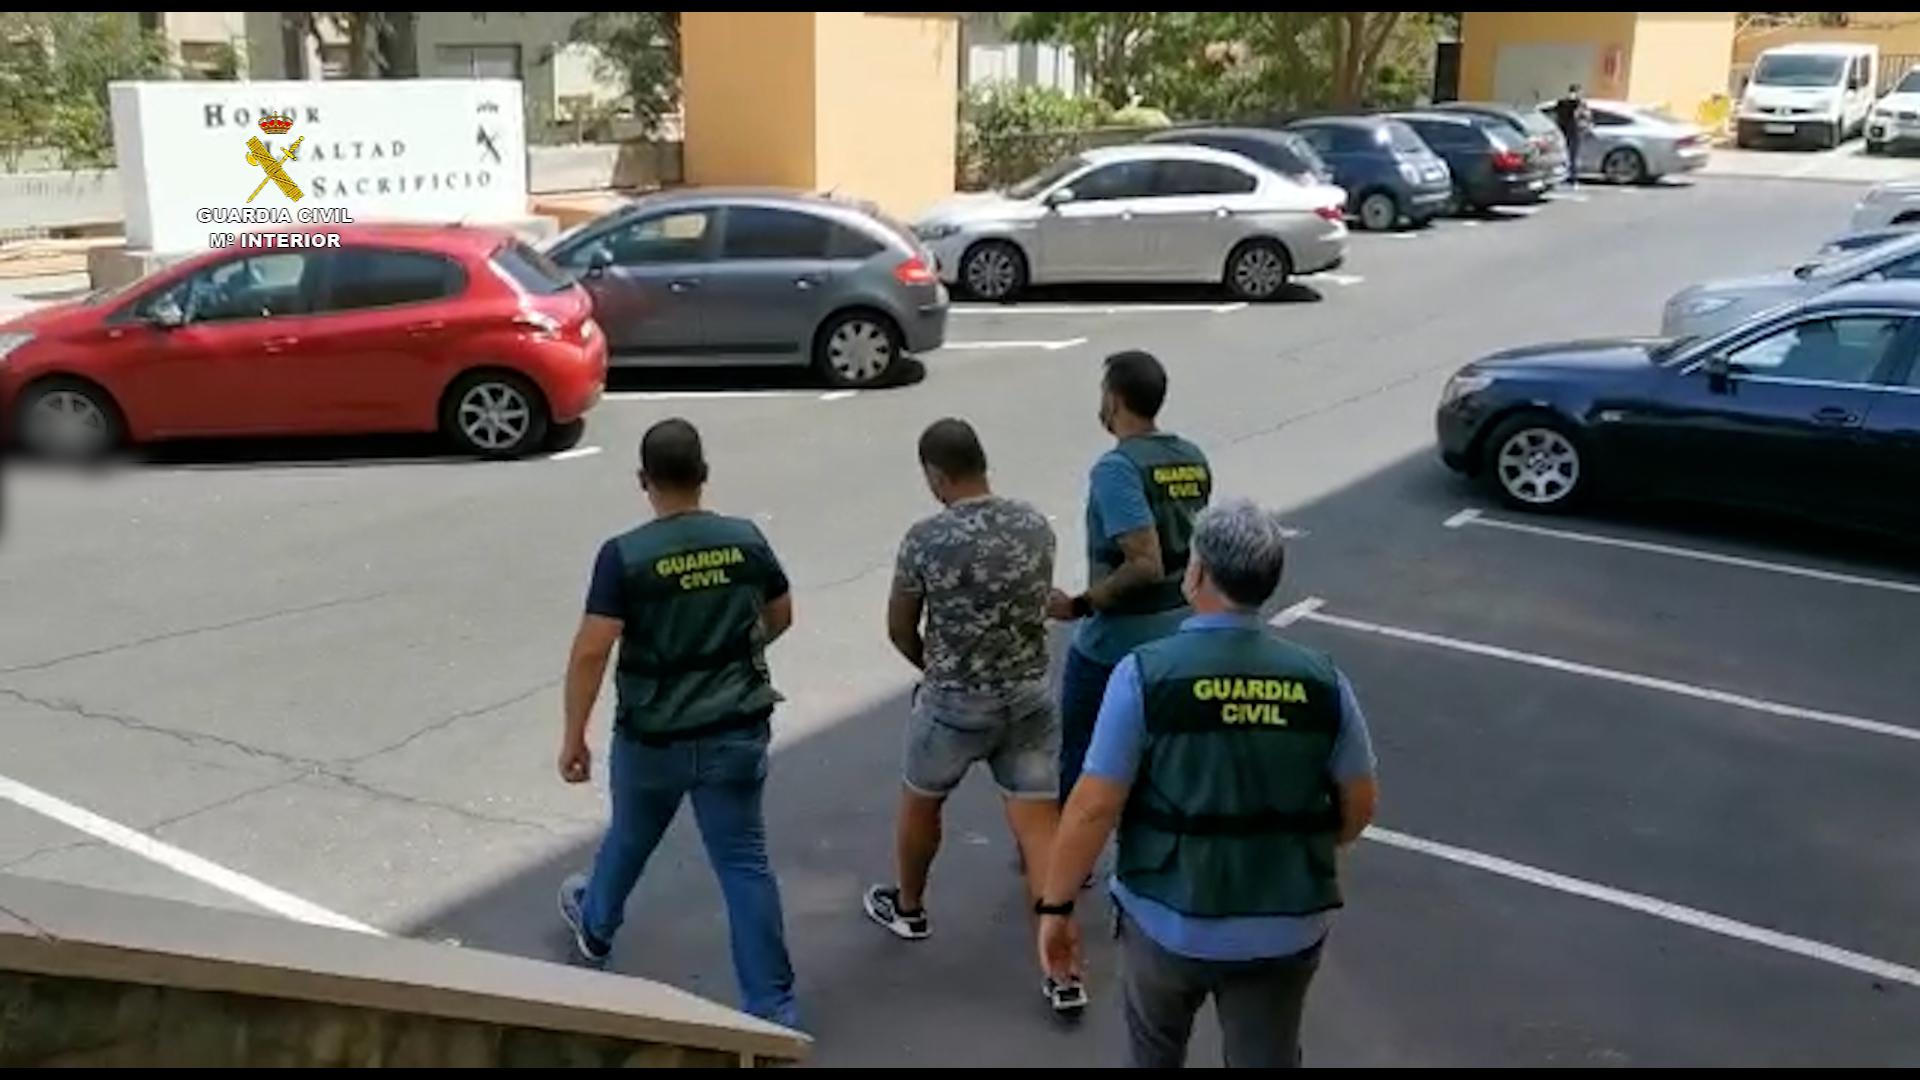 La Guardia Civil detiene en Santa Cruz de Tenerife a un individuo por un delito de terrorismo